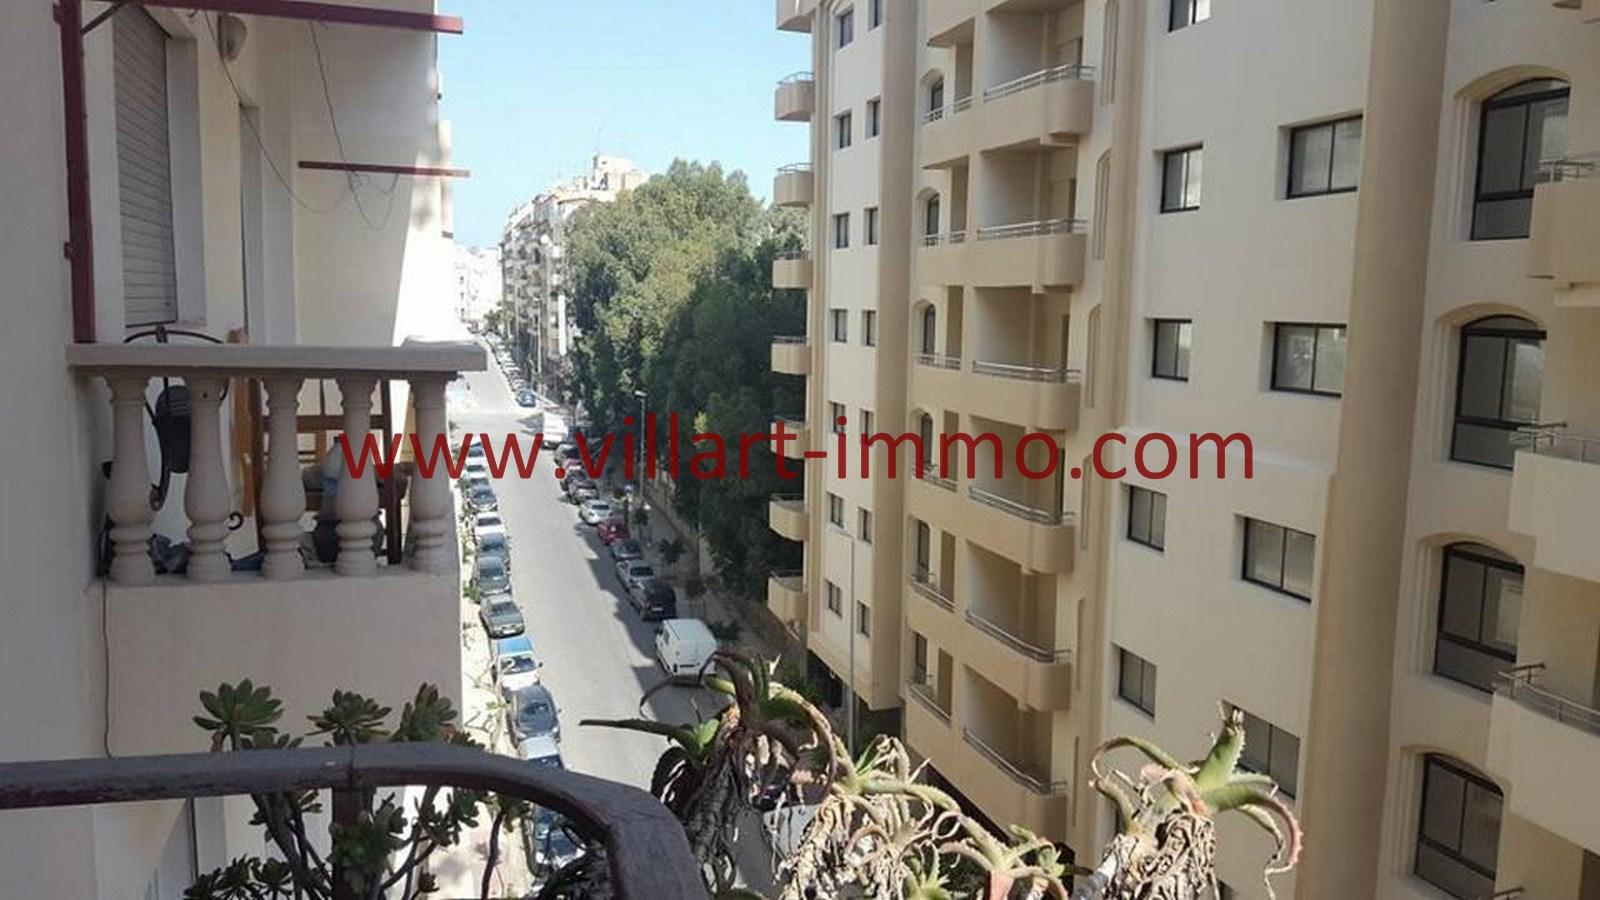 Appartement vendre au centre ville de tanger villart - Appartement de ville hotelier vervoordt ...